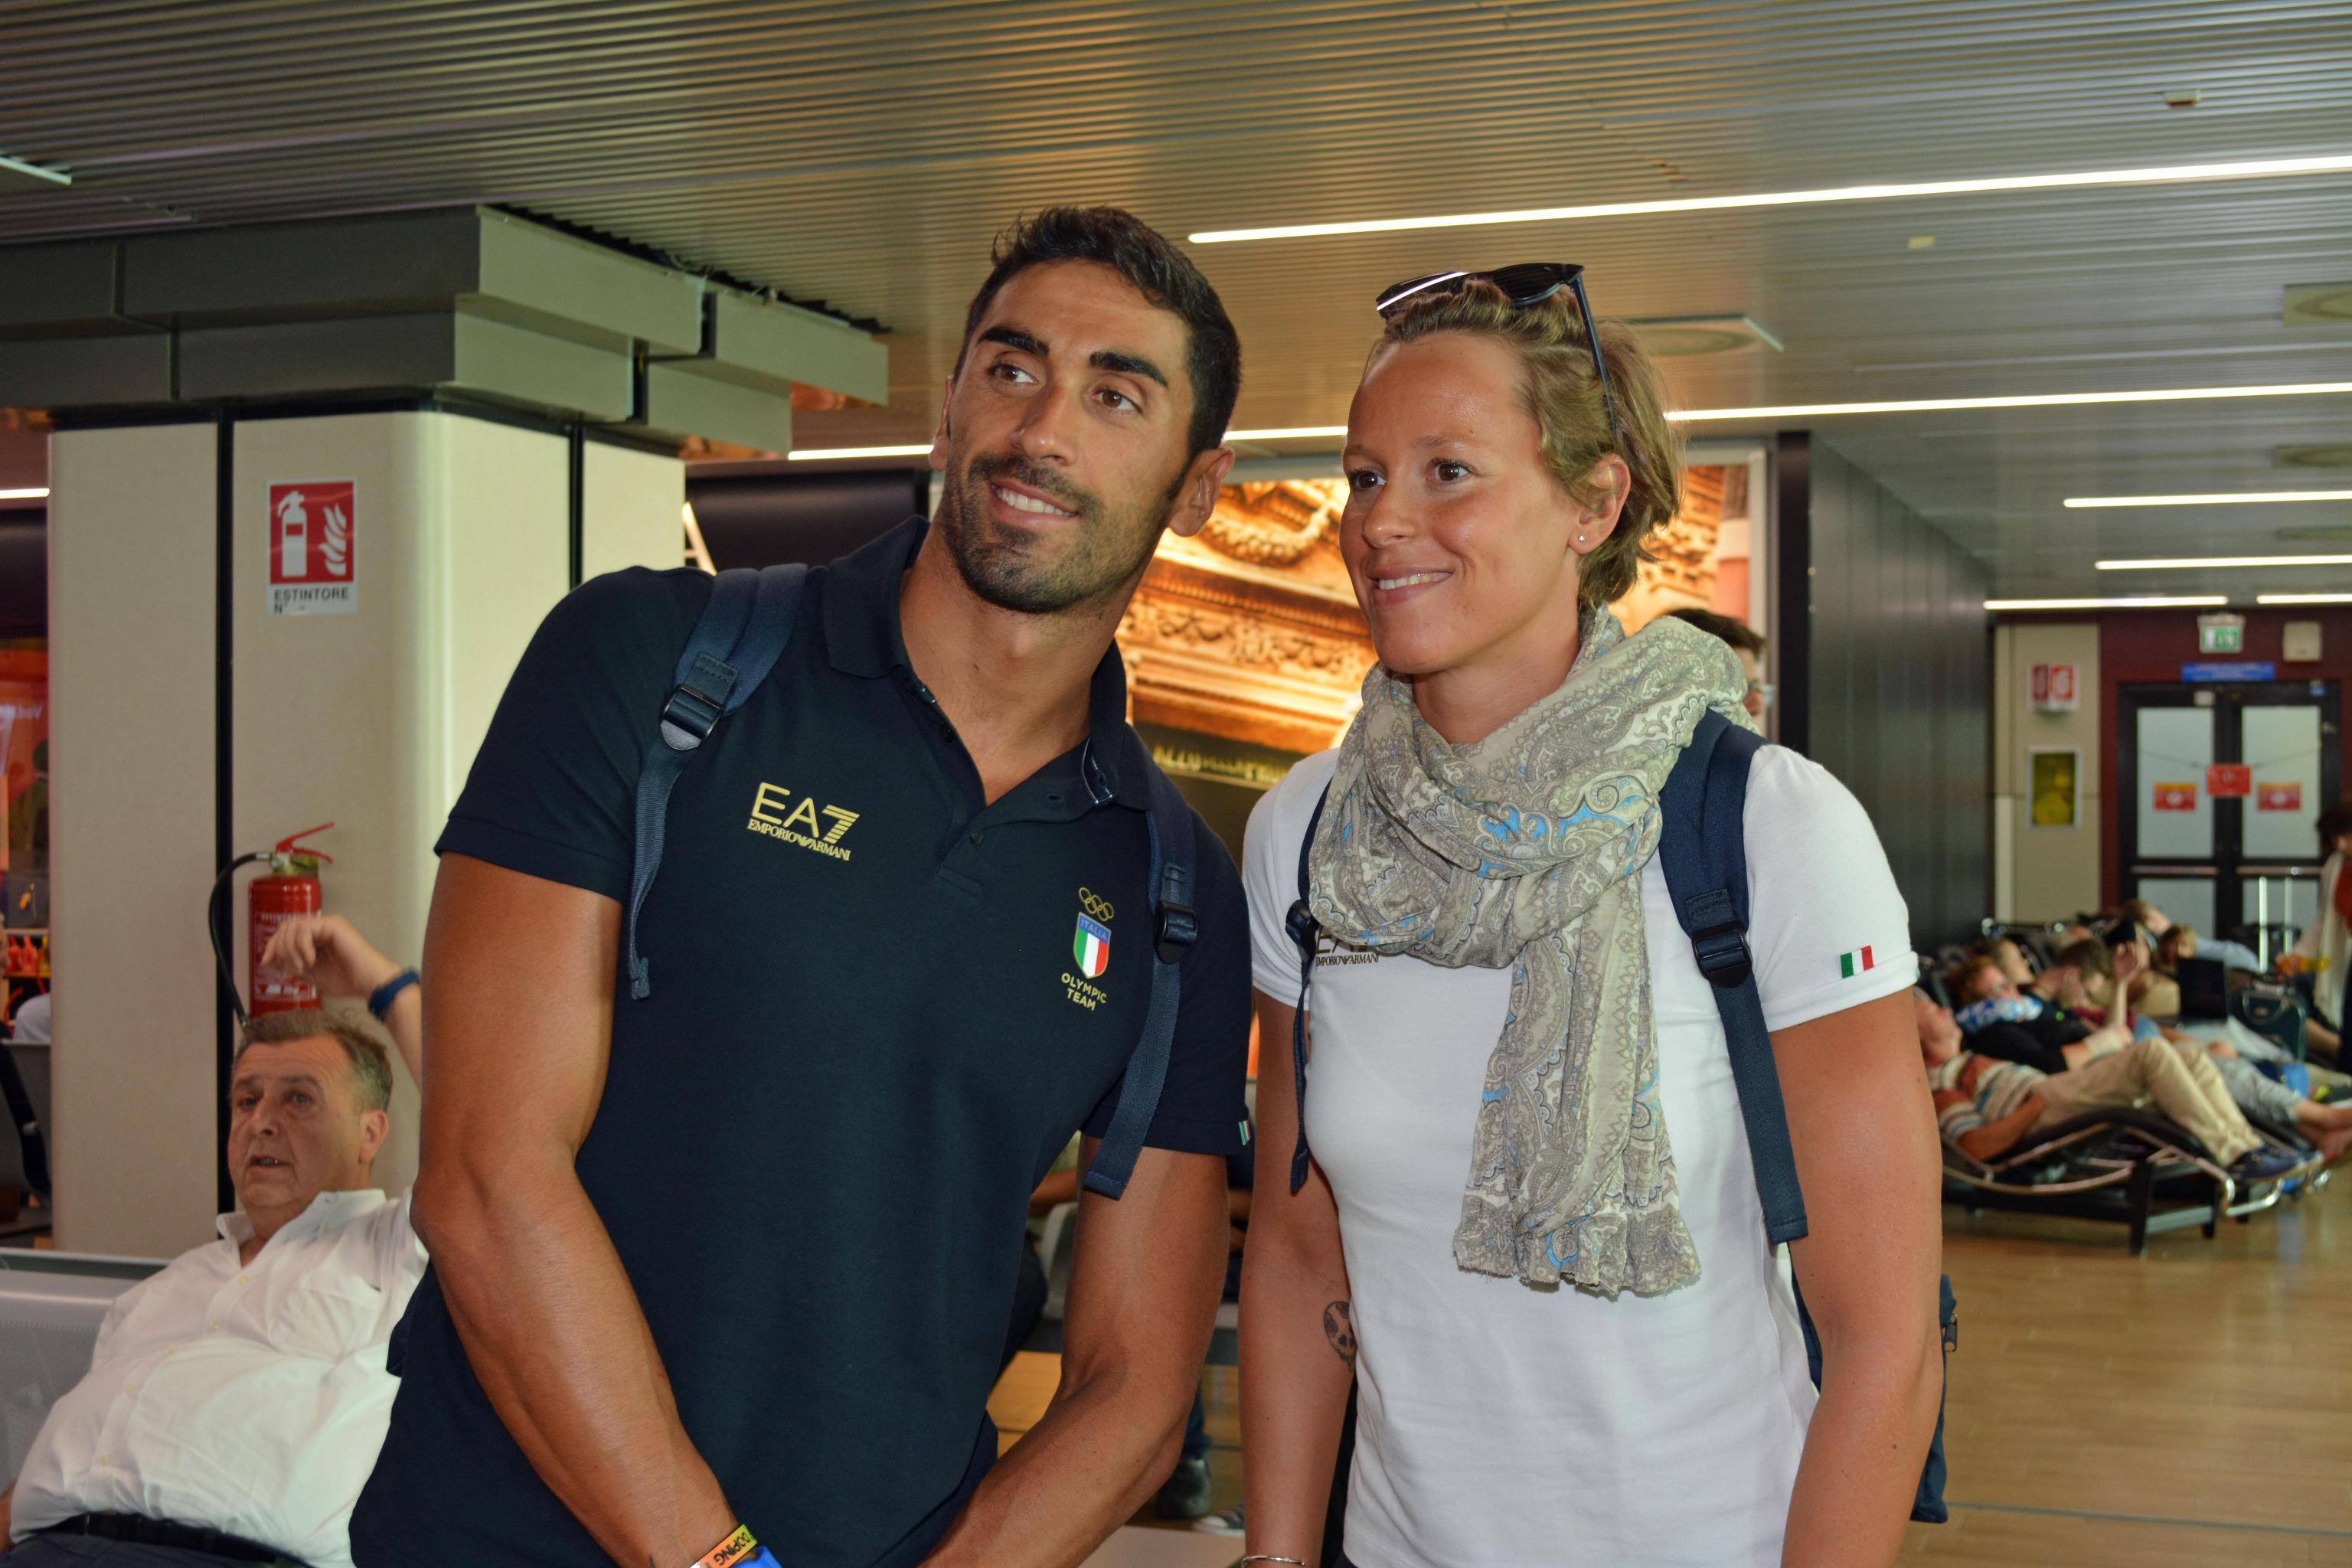 Federica Pellegrini e Filippo Magnini tornano insieme? L'ex coppia paparazzata a Verona